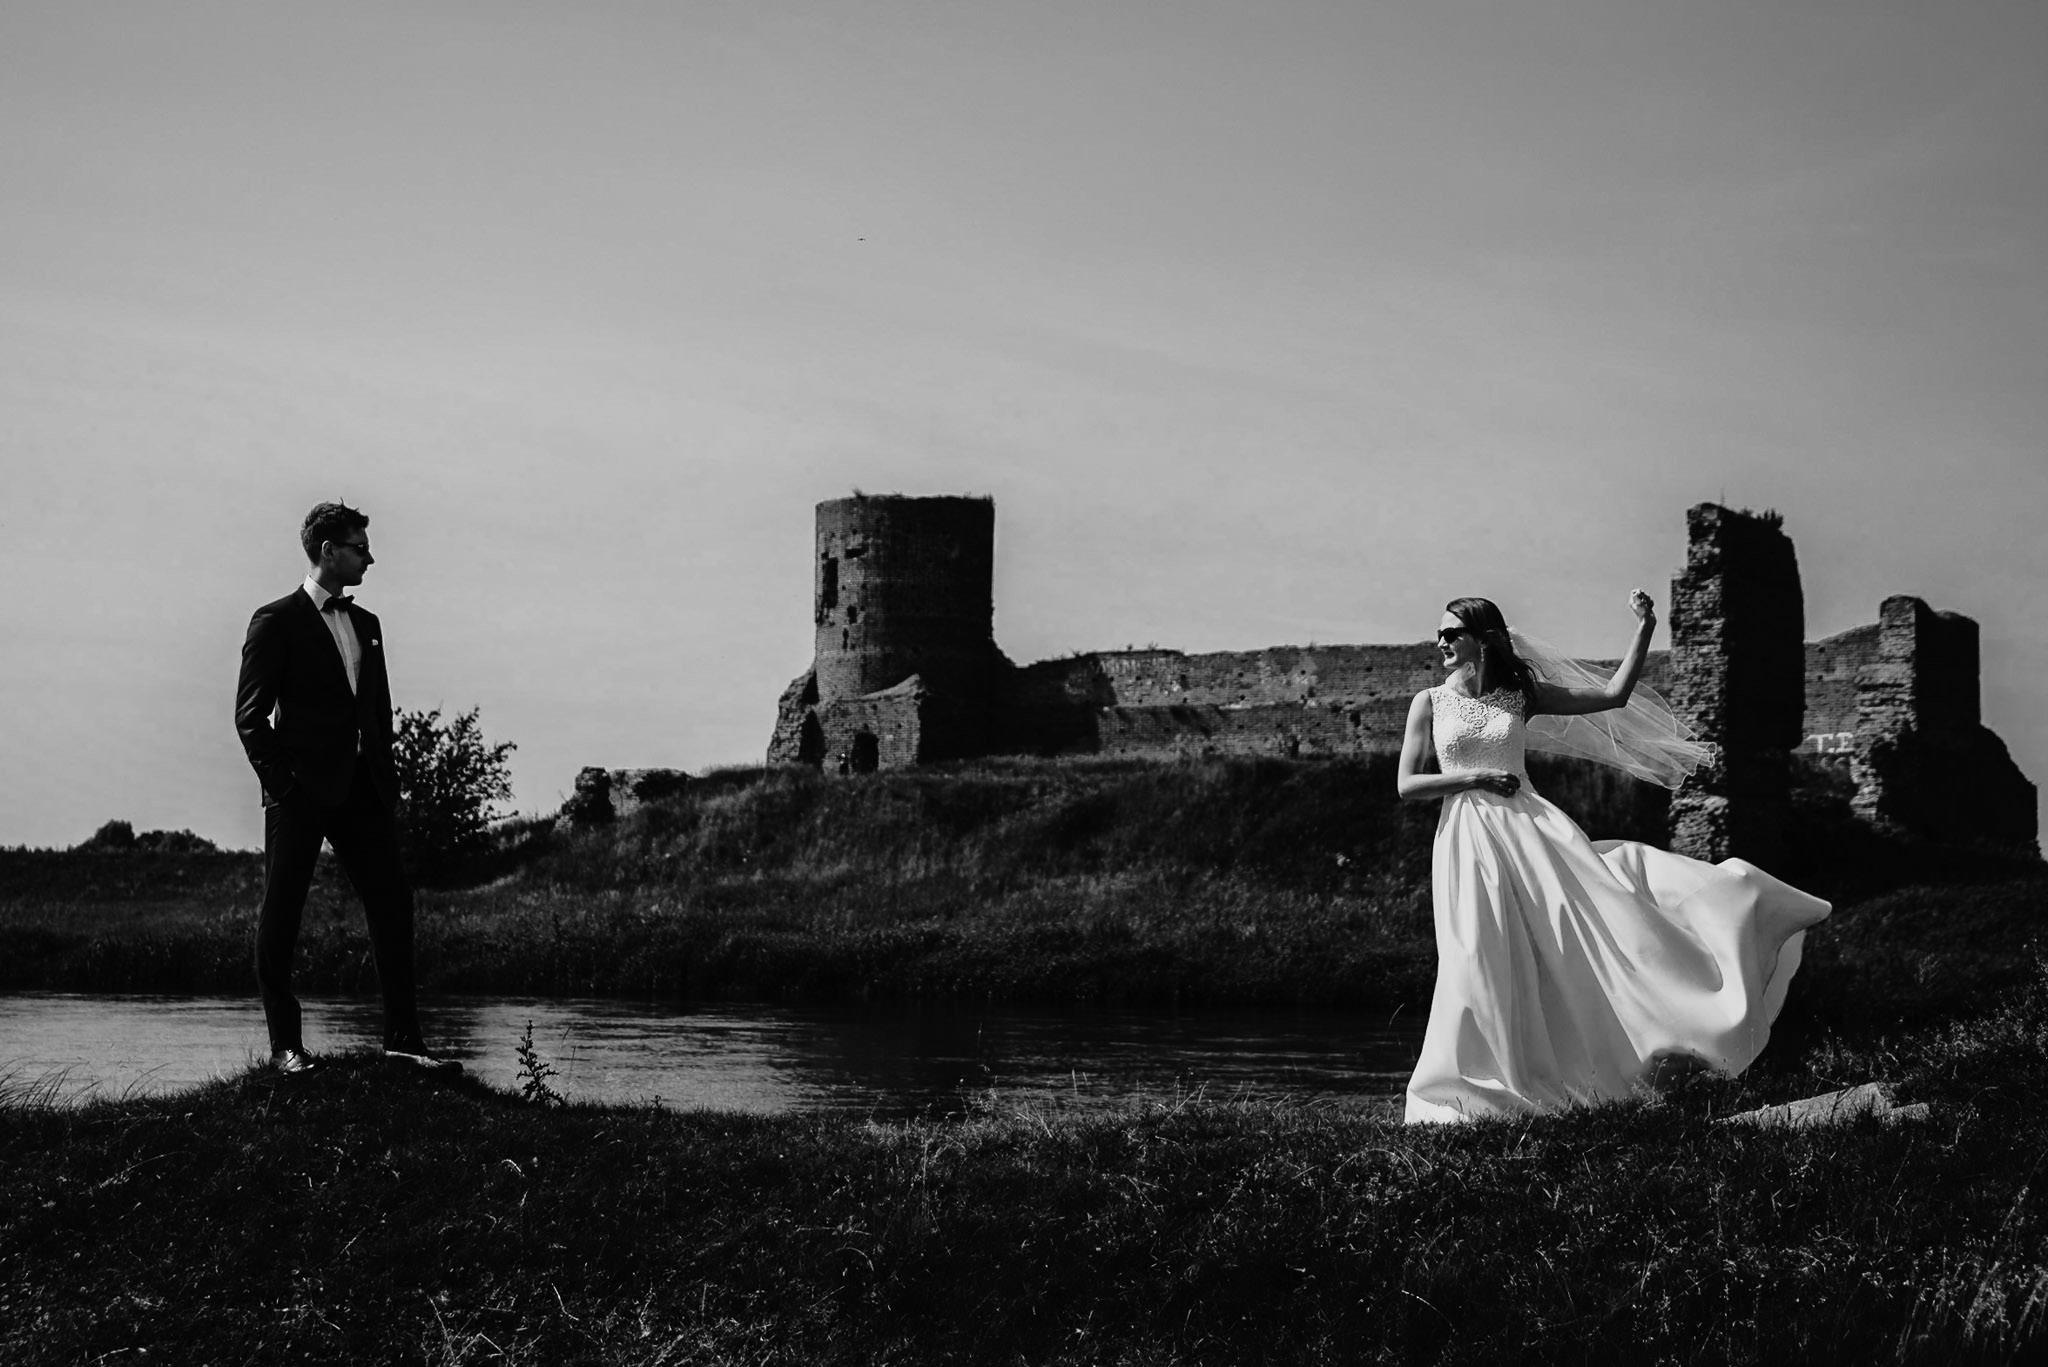 Monika i Michał, wesele w Paryżu i sesja plenerowa w stadninie koni w Czołowie 316